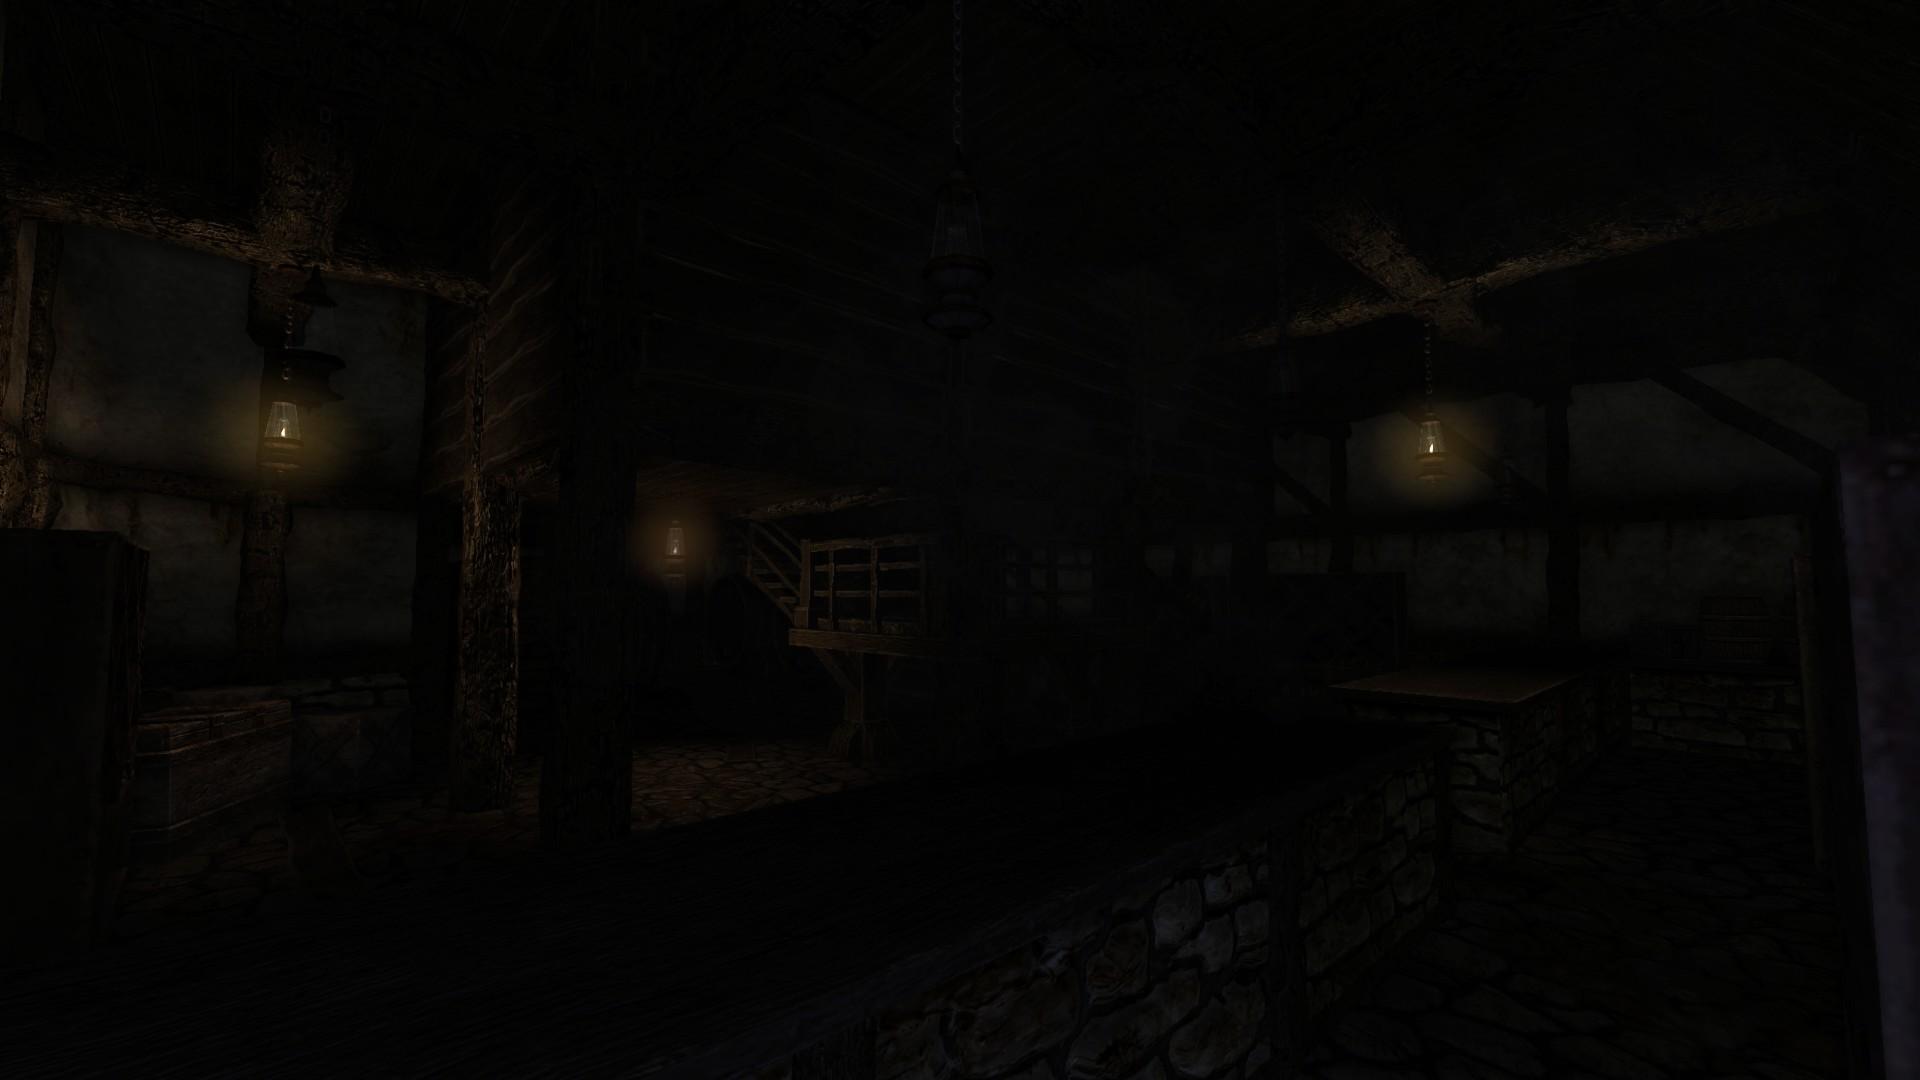 Wine Cellar image  The Dark Treasure  Credel Castleu002639;s Untold Story mod for Amnesia: The Dark